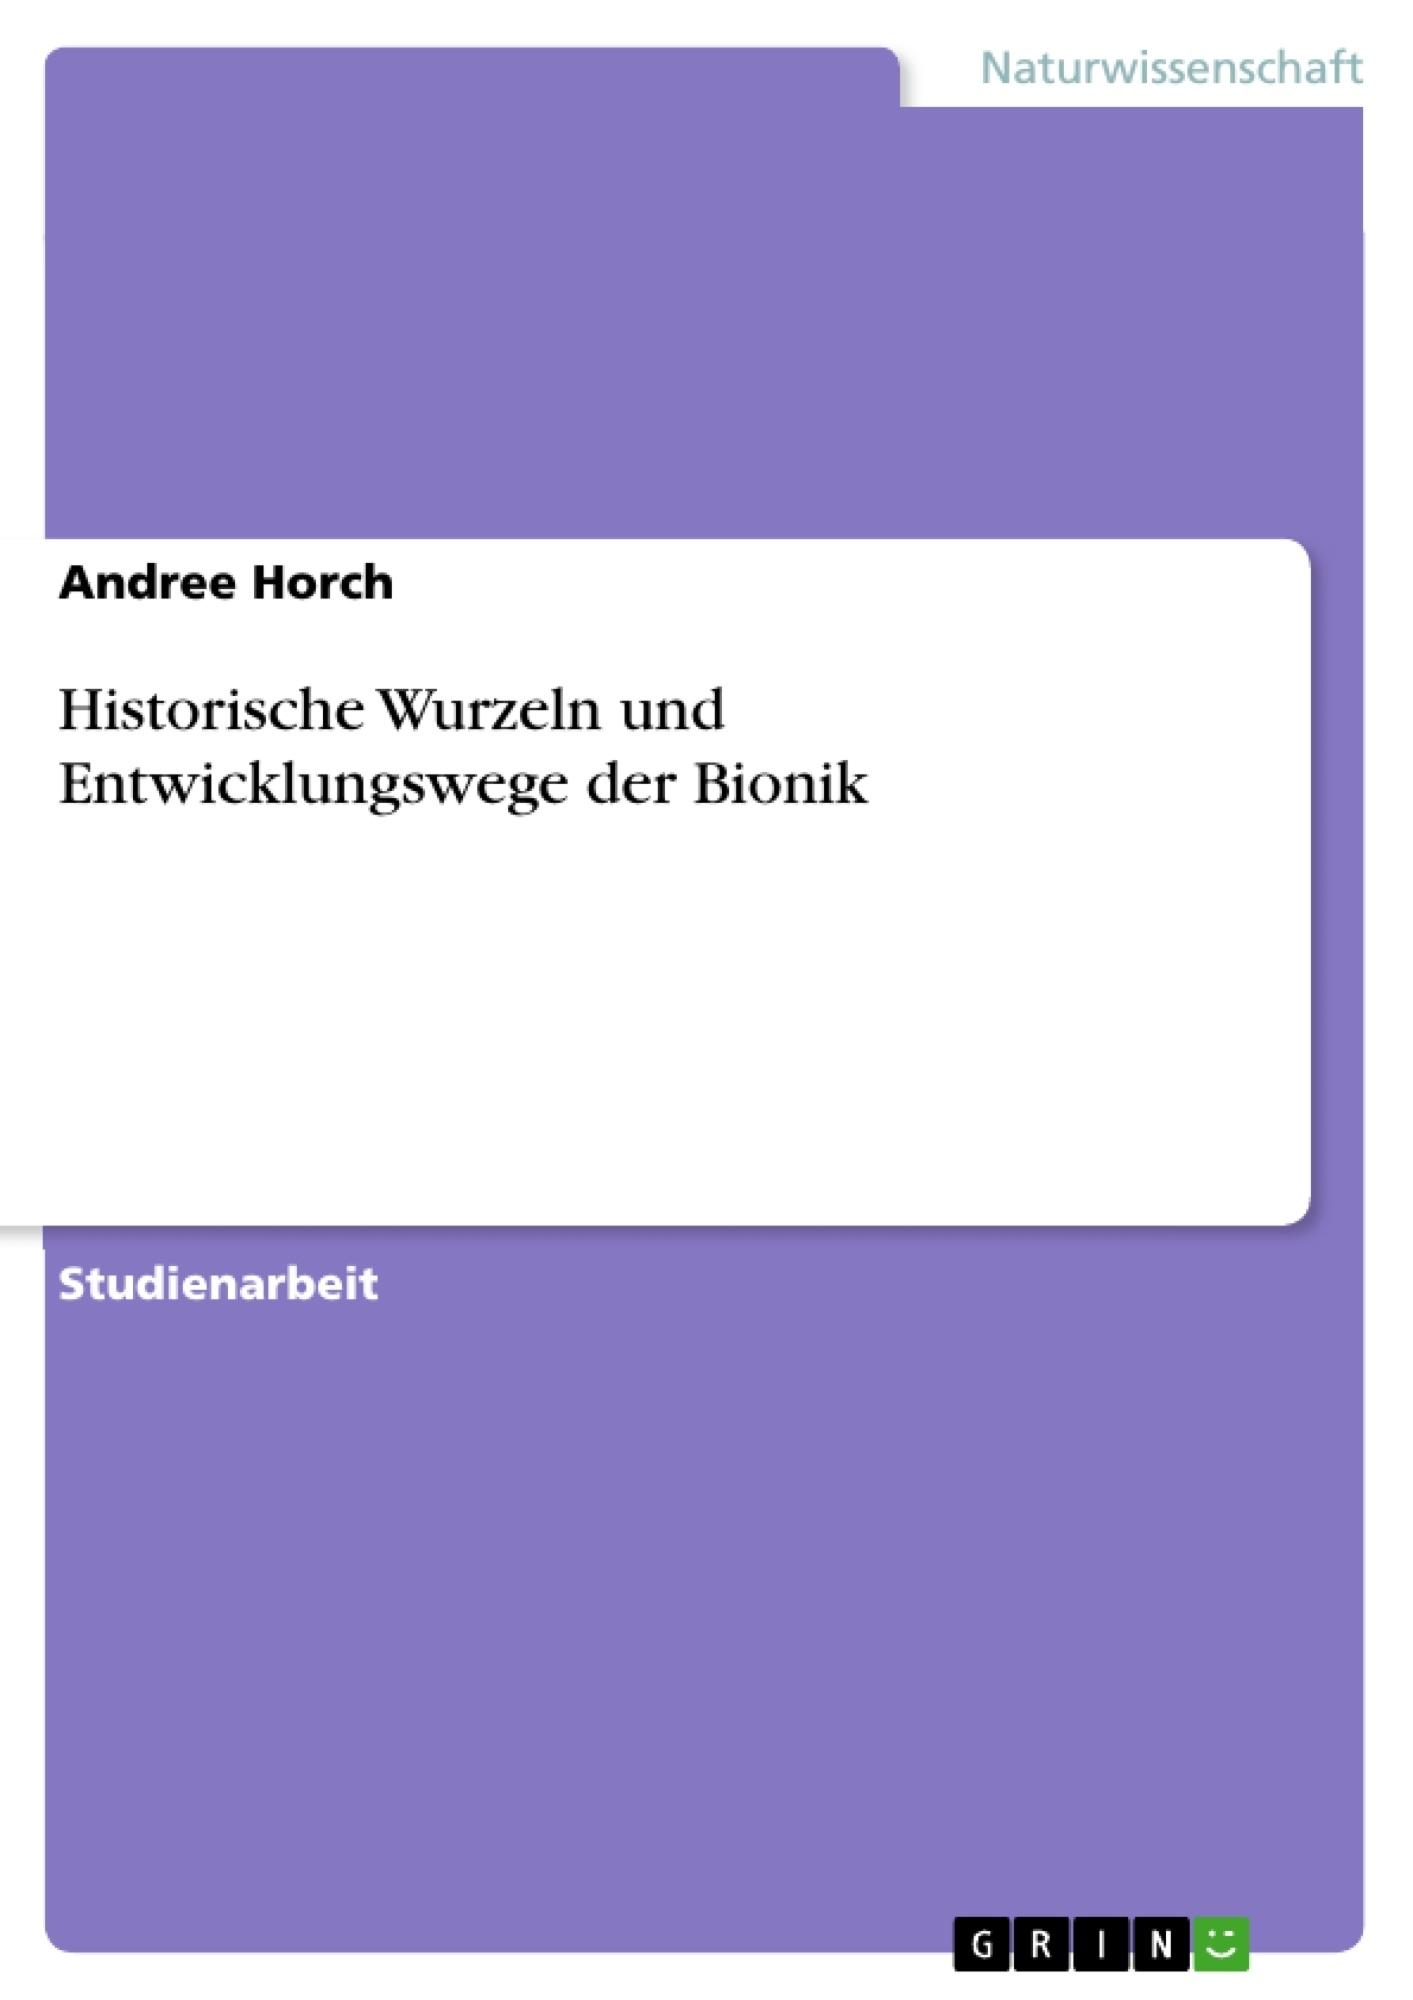 Titel: Historische Wurzeln und Entwicklungswege der Bionik